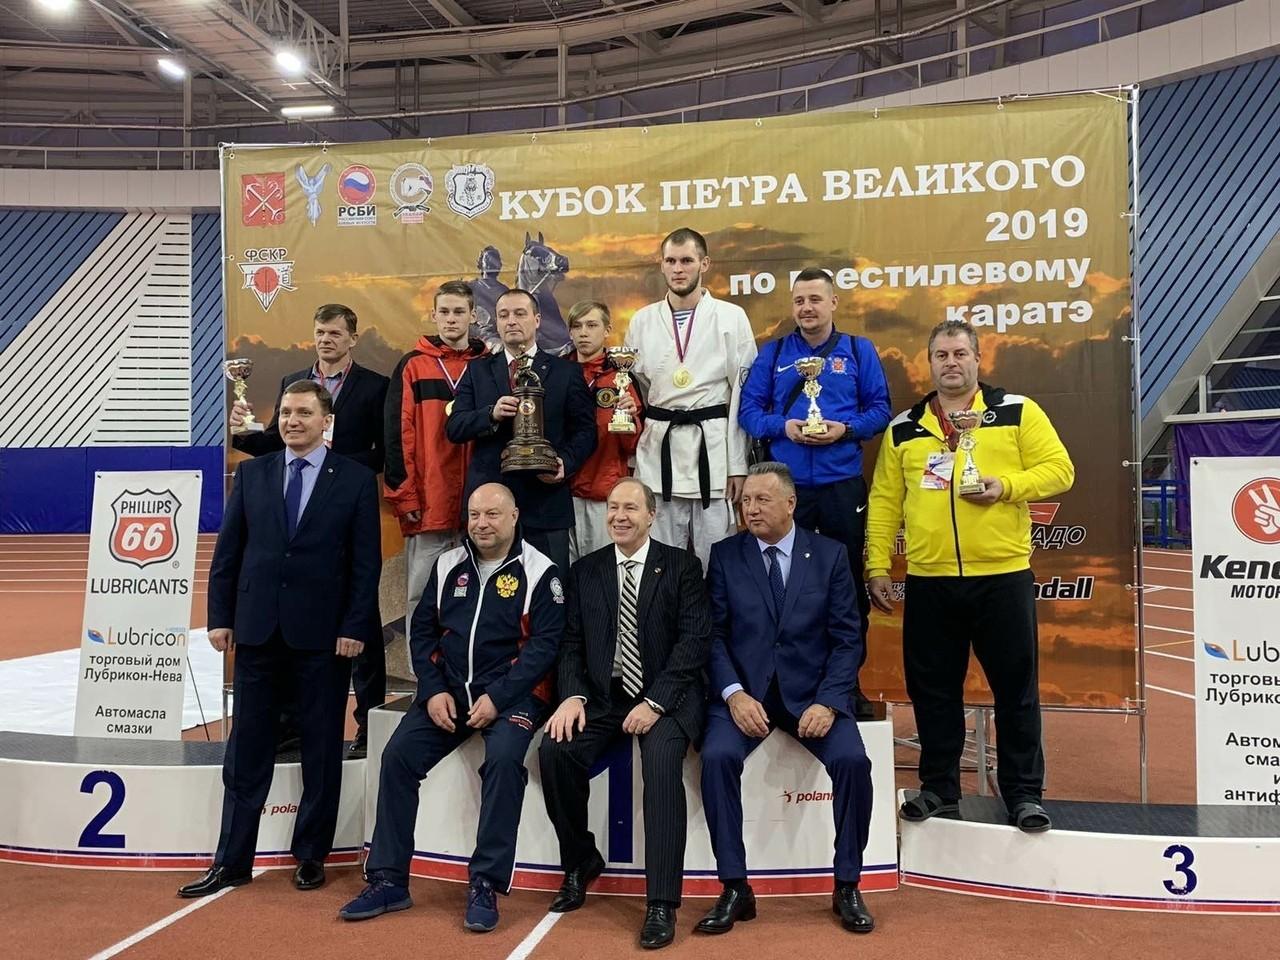 Борцы Тверской области забрали почти все золото Всероссийских сореанований